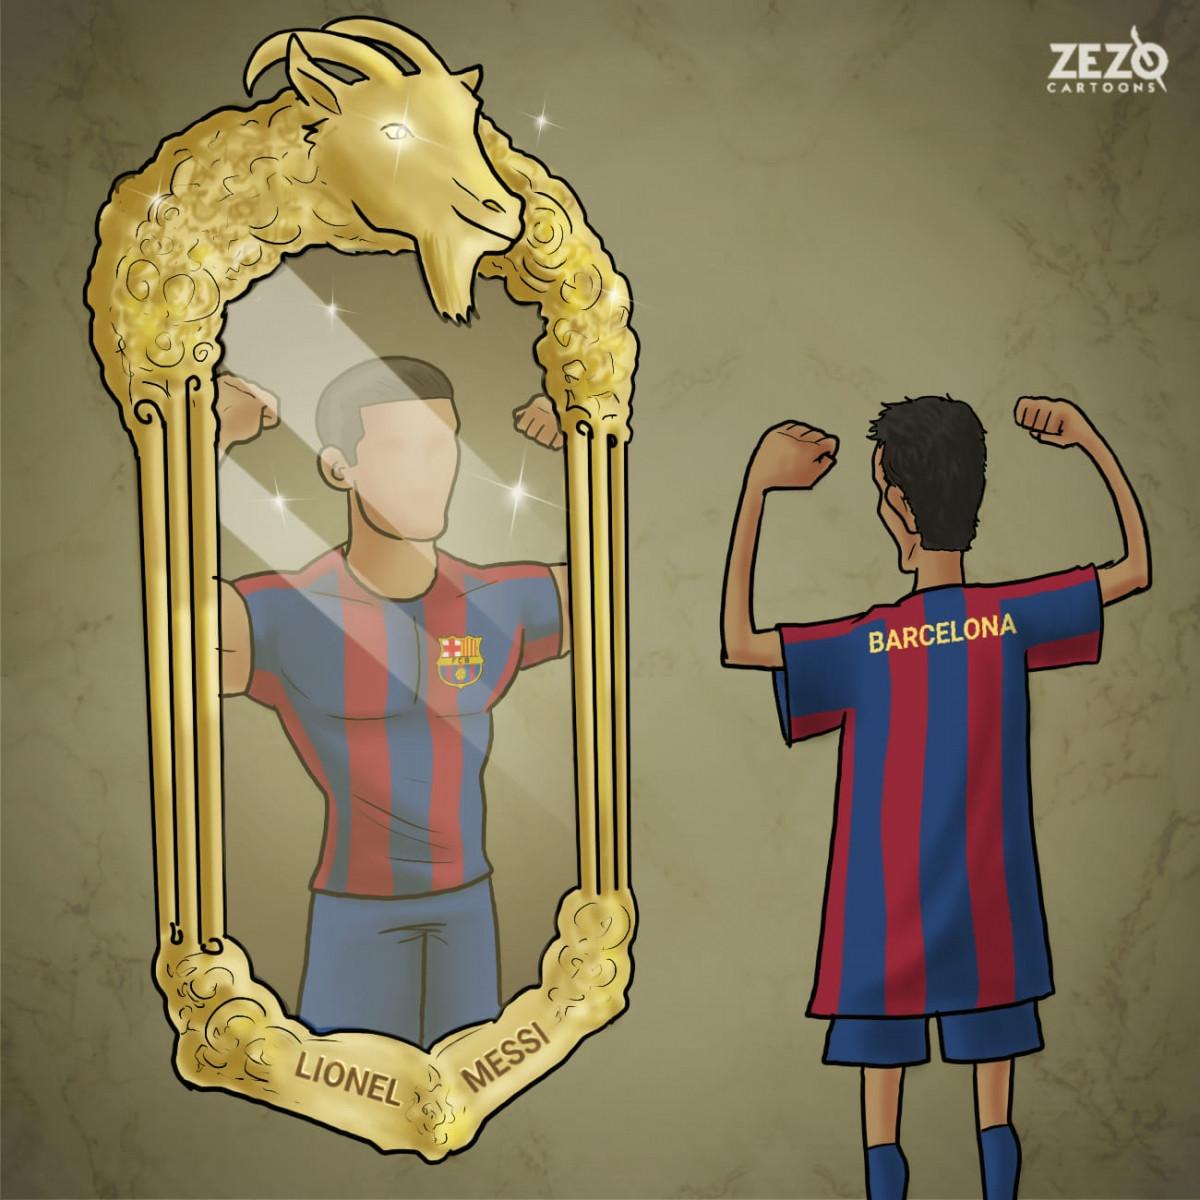 Barca khi không còn Lionel Messi. (Ảnh: ZEZO Cartoons)